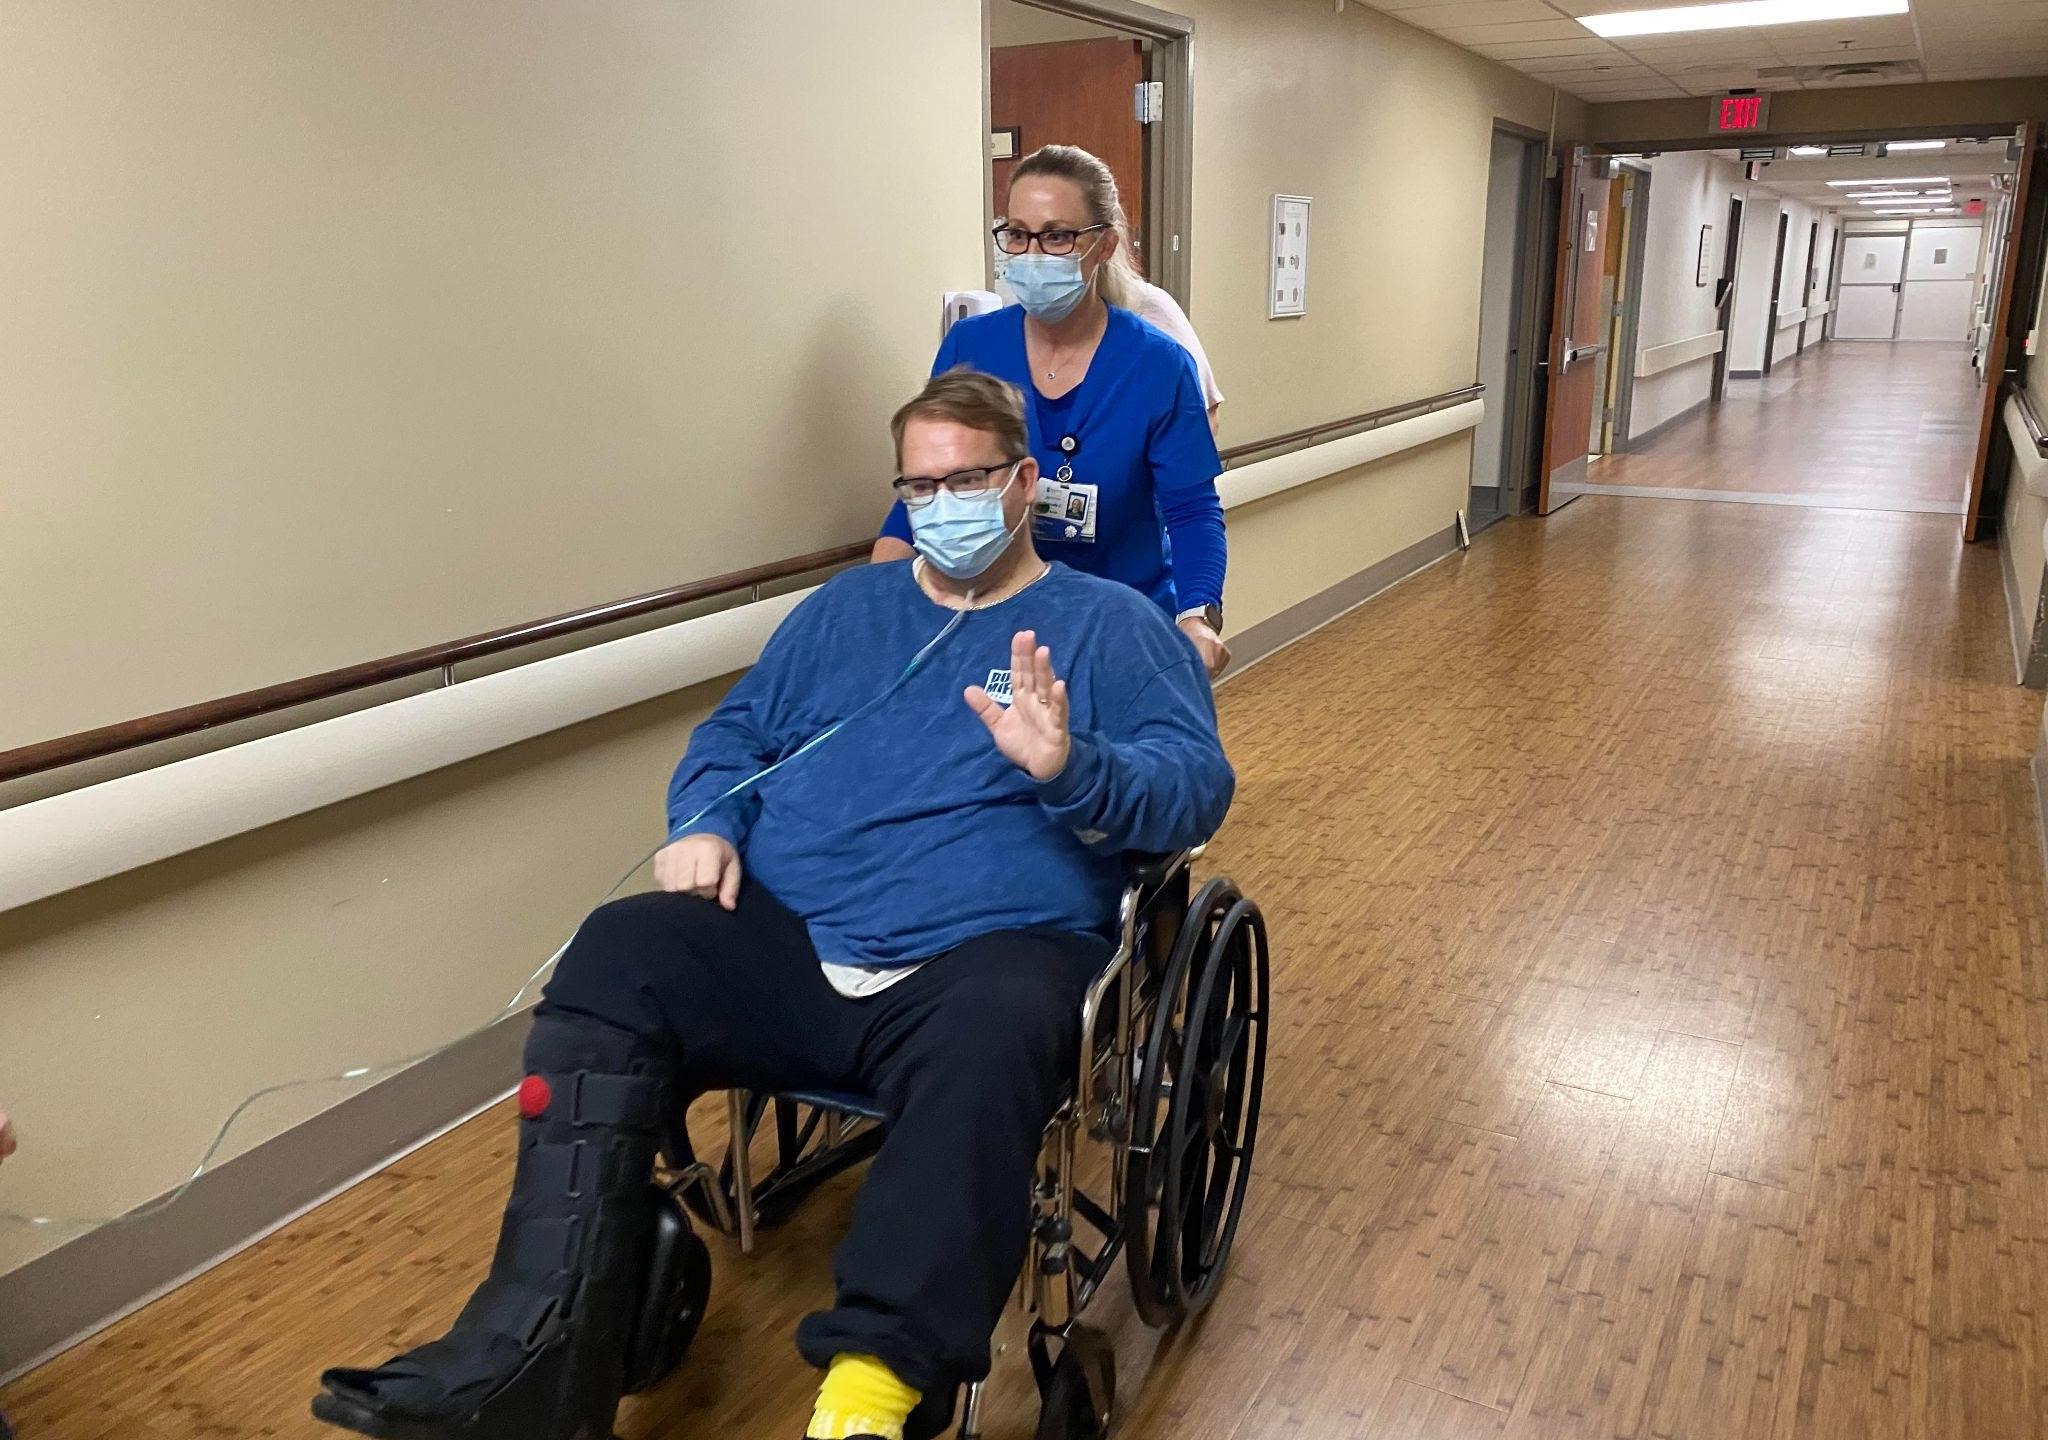 Ascension Saint Thomas patient released